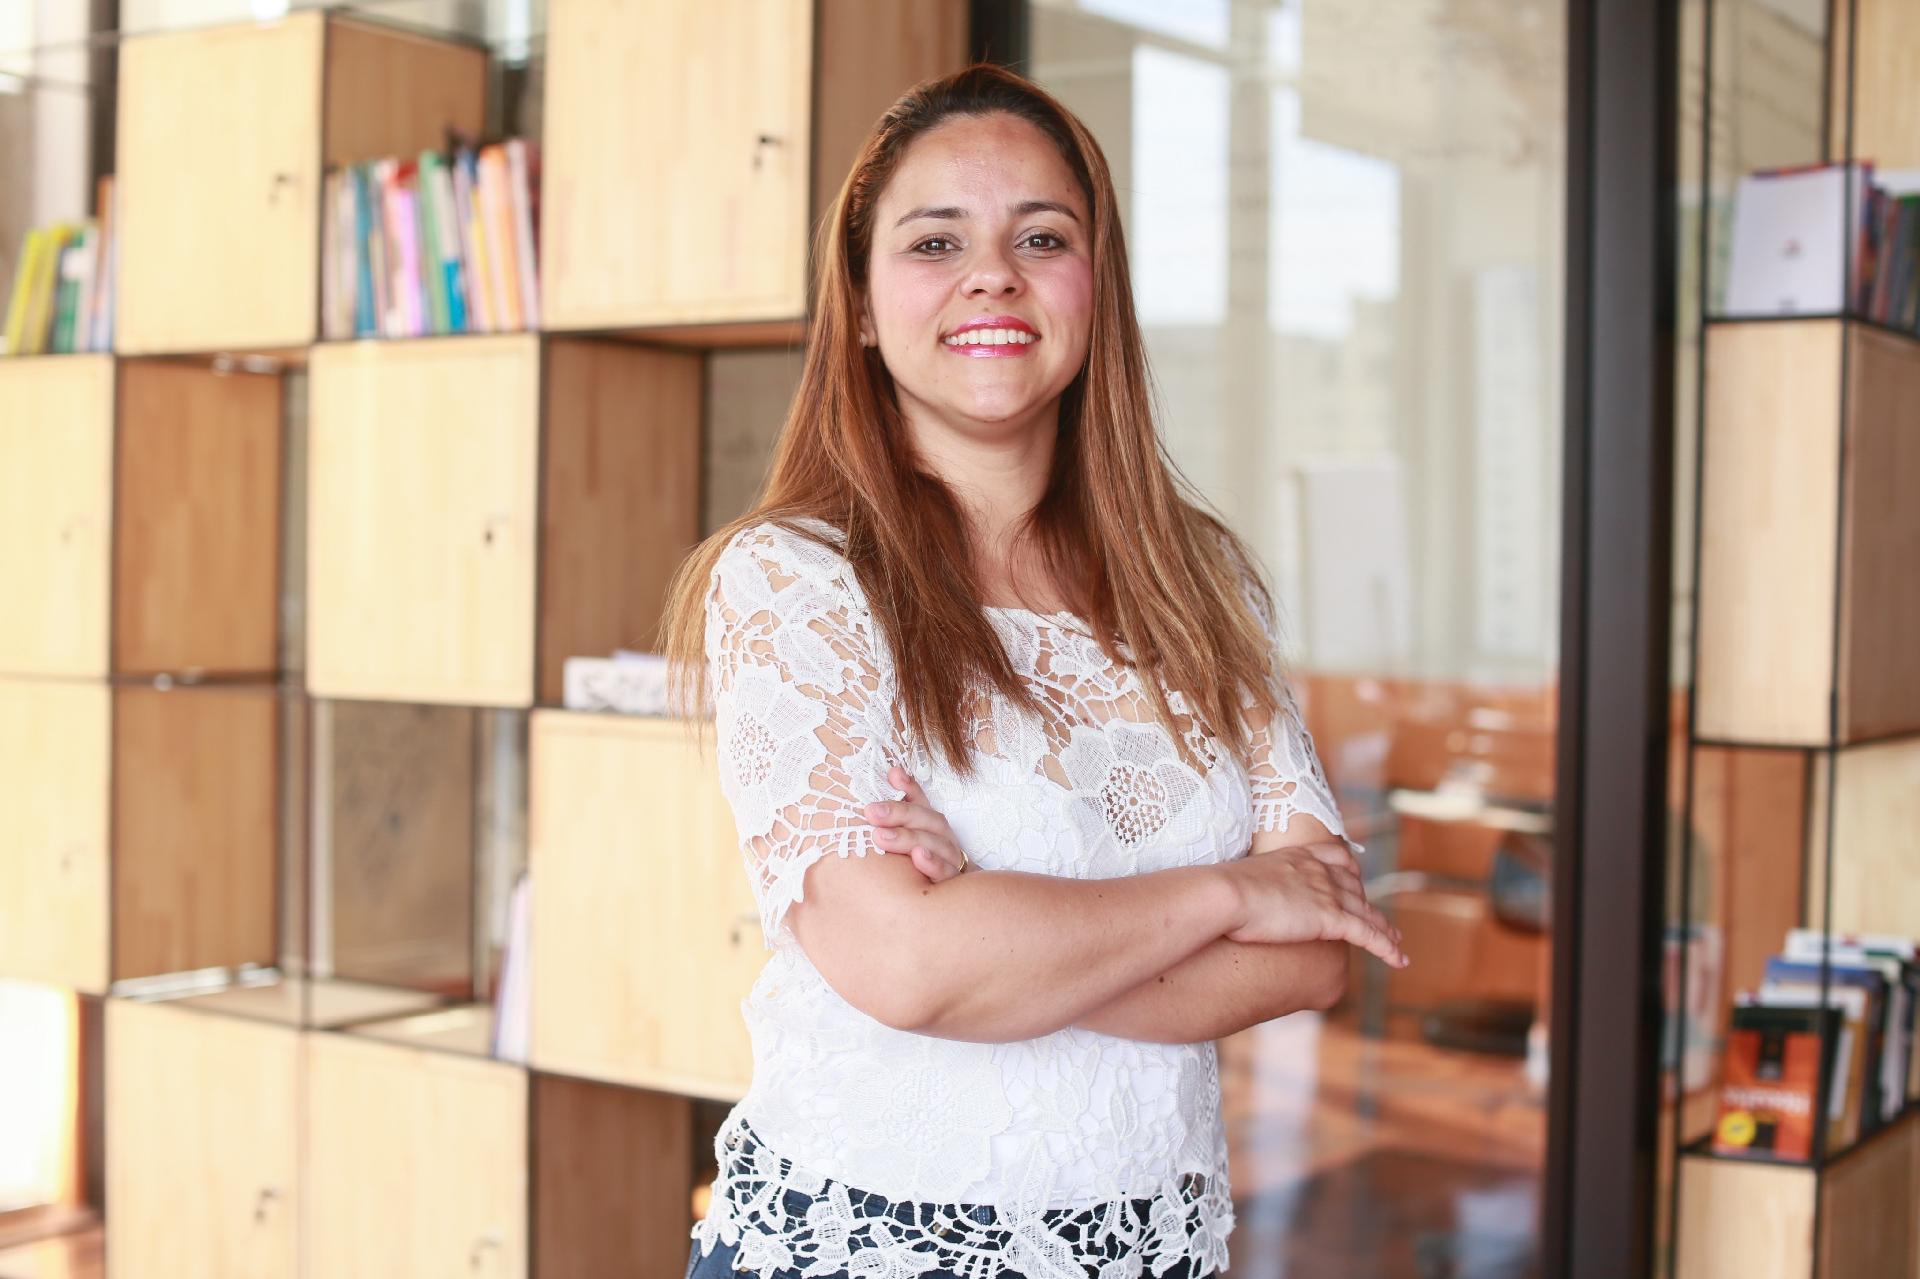 4c99fa9f9f Vereadora que levou coworking para Câmara já foi agredida e é contra aborto  - 24 11 2018 - UOL Universa